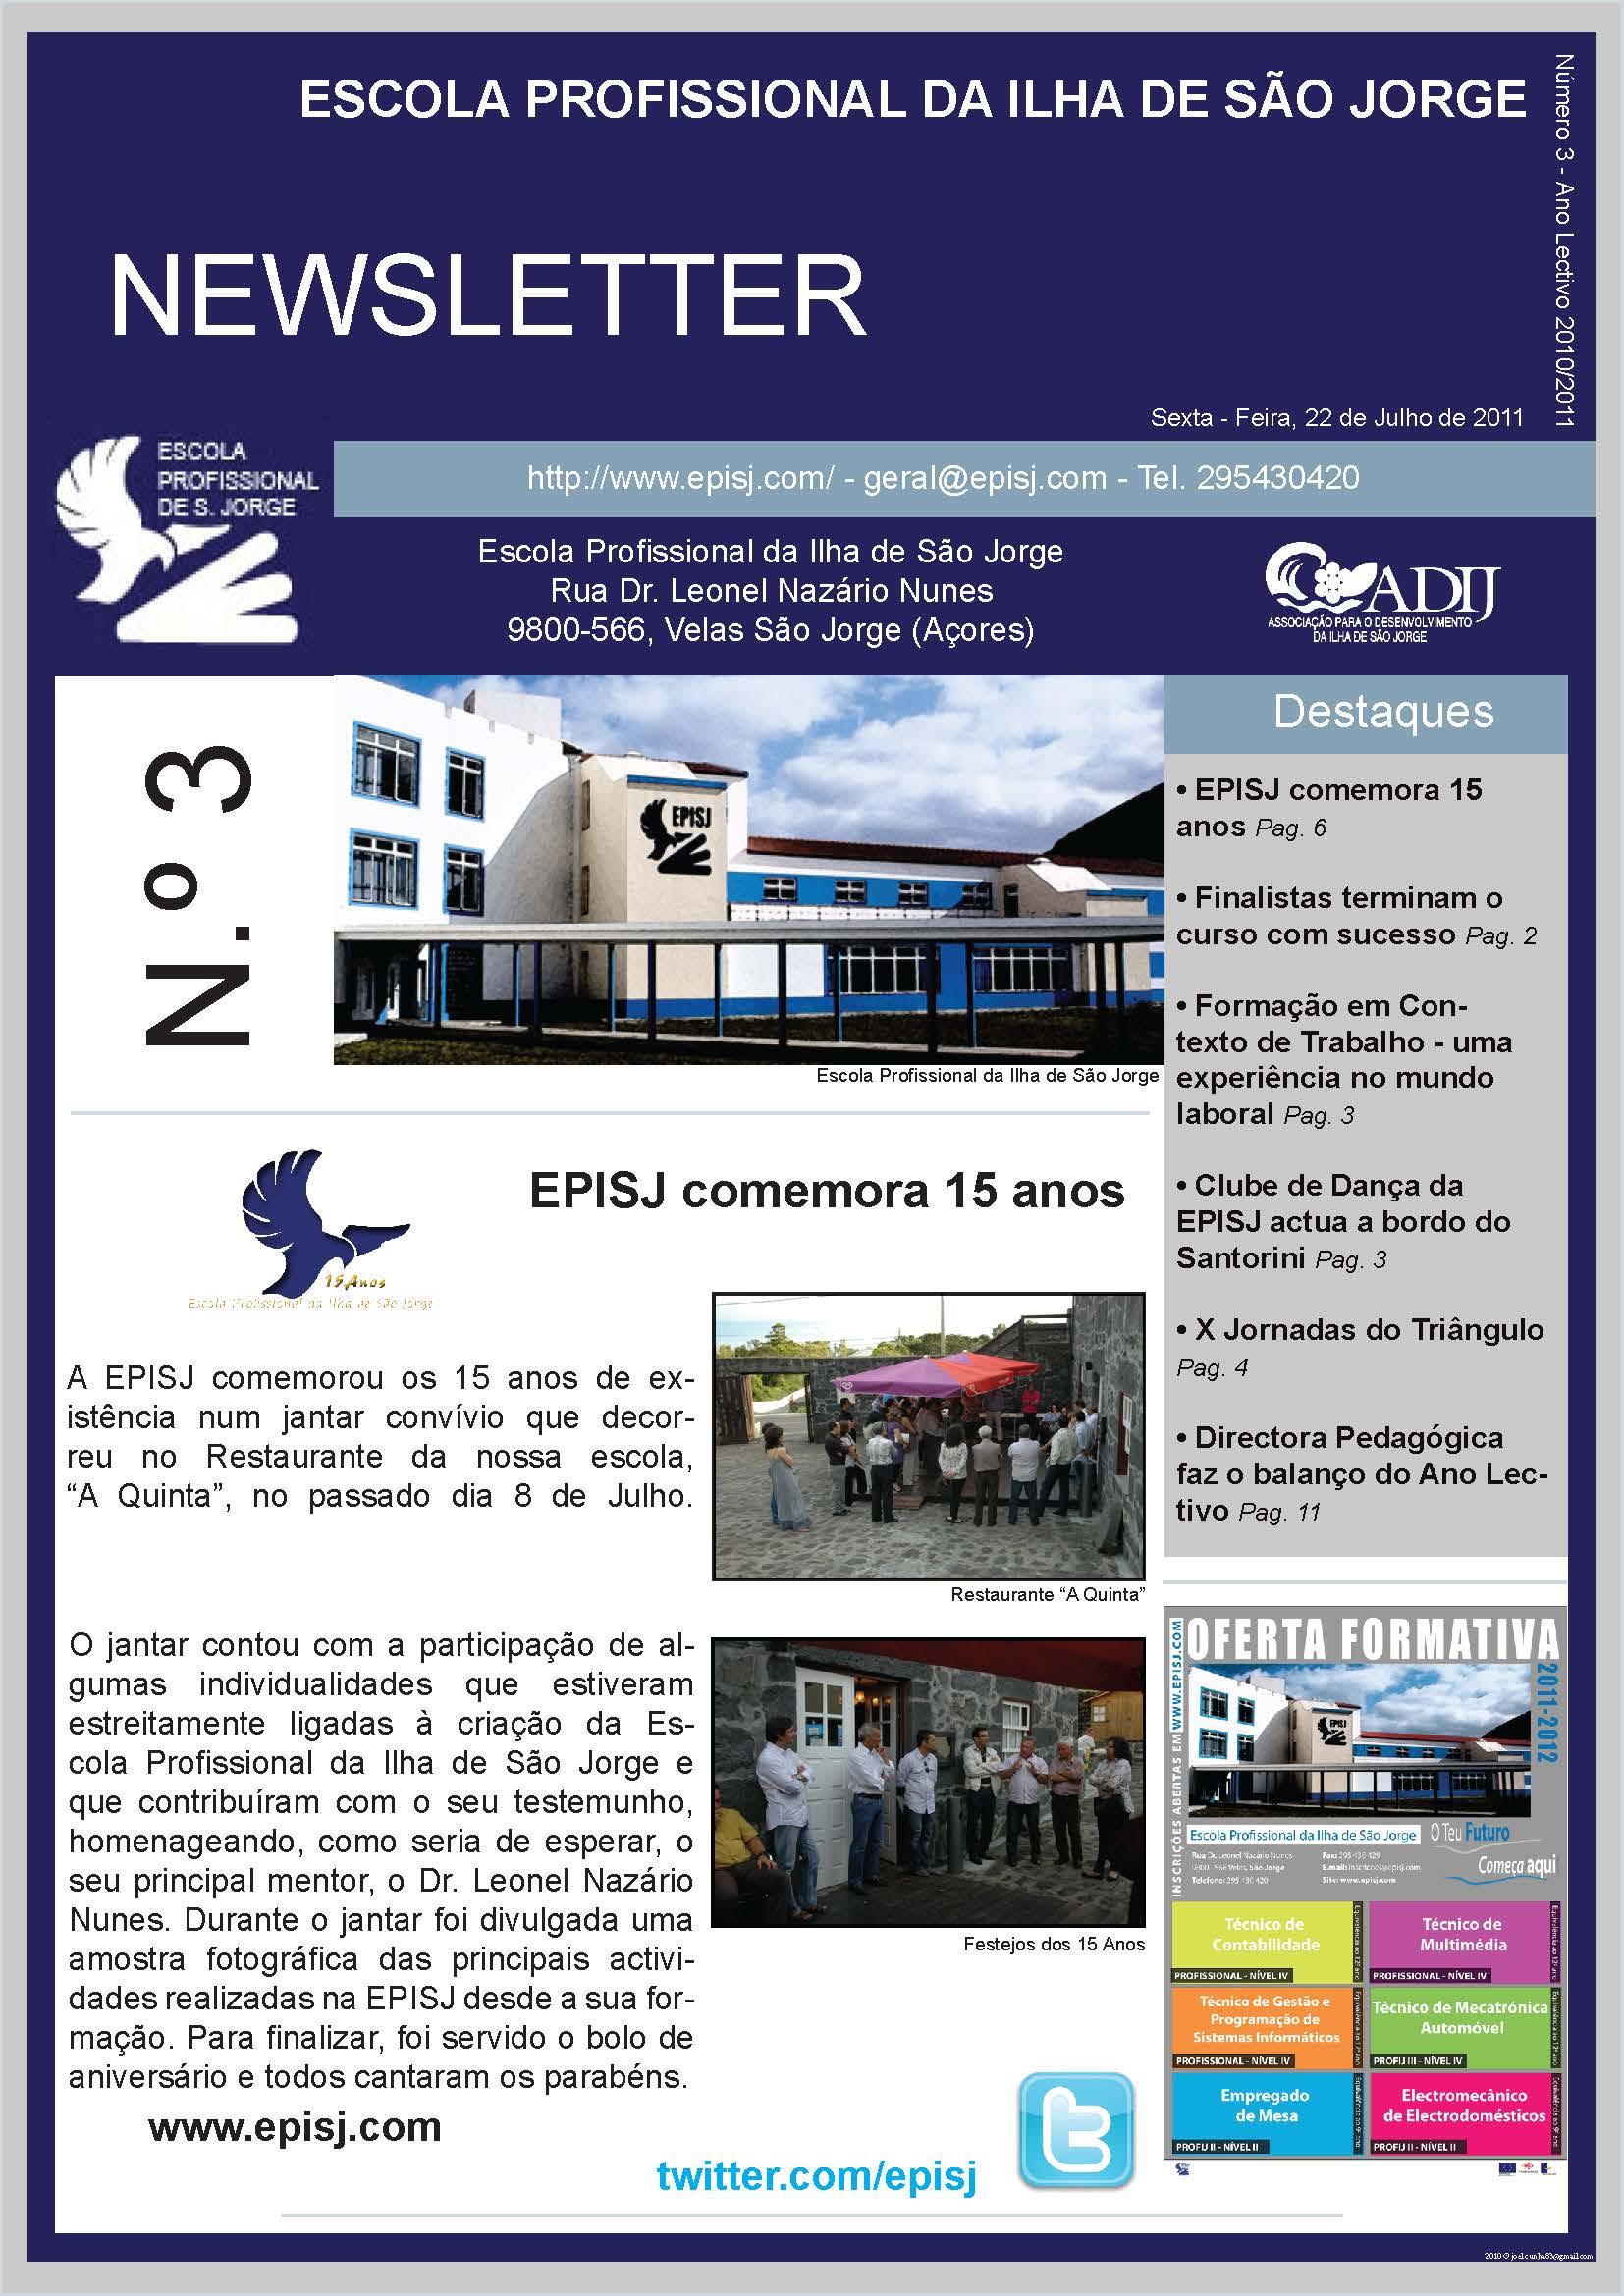 Edição Julho 2011